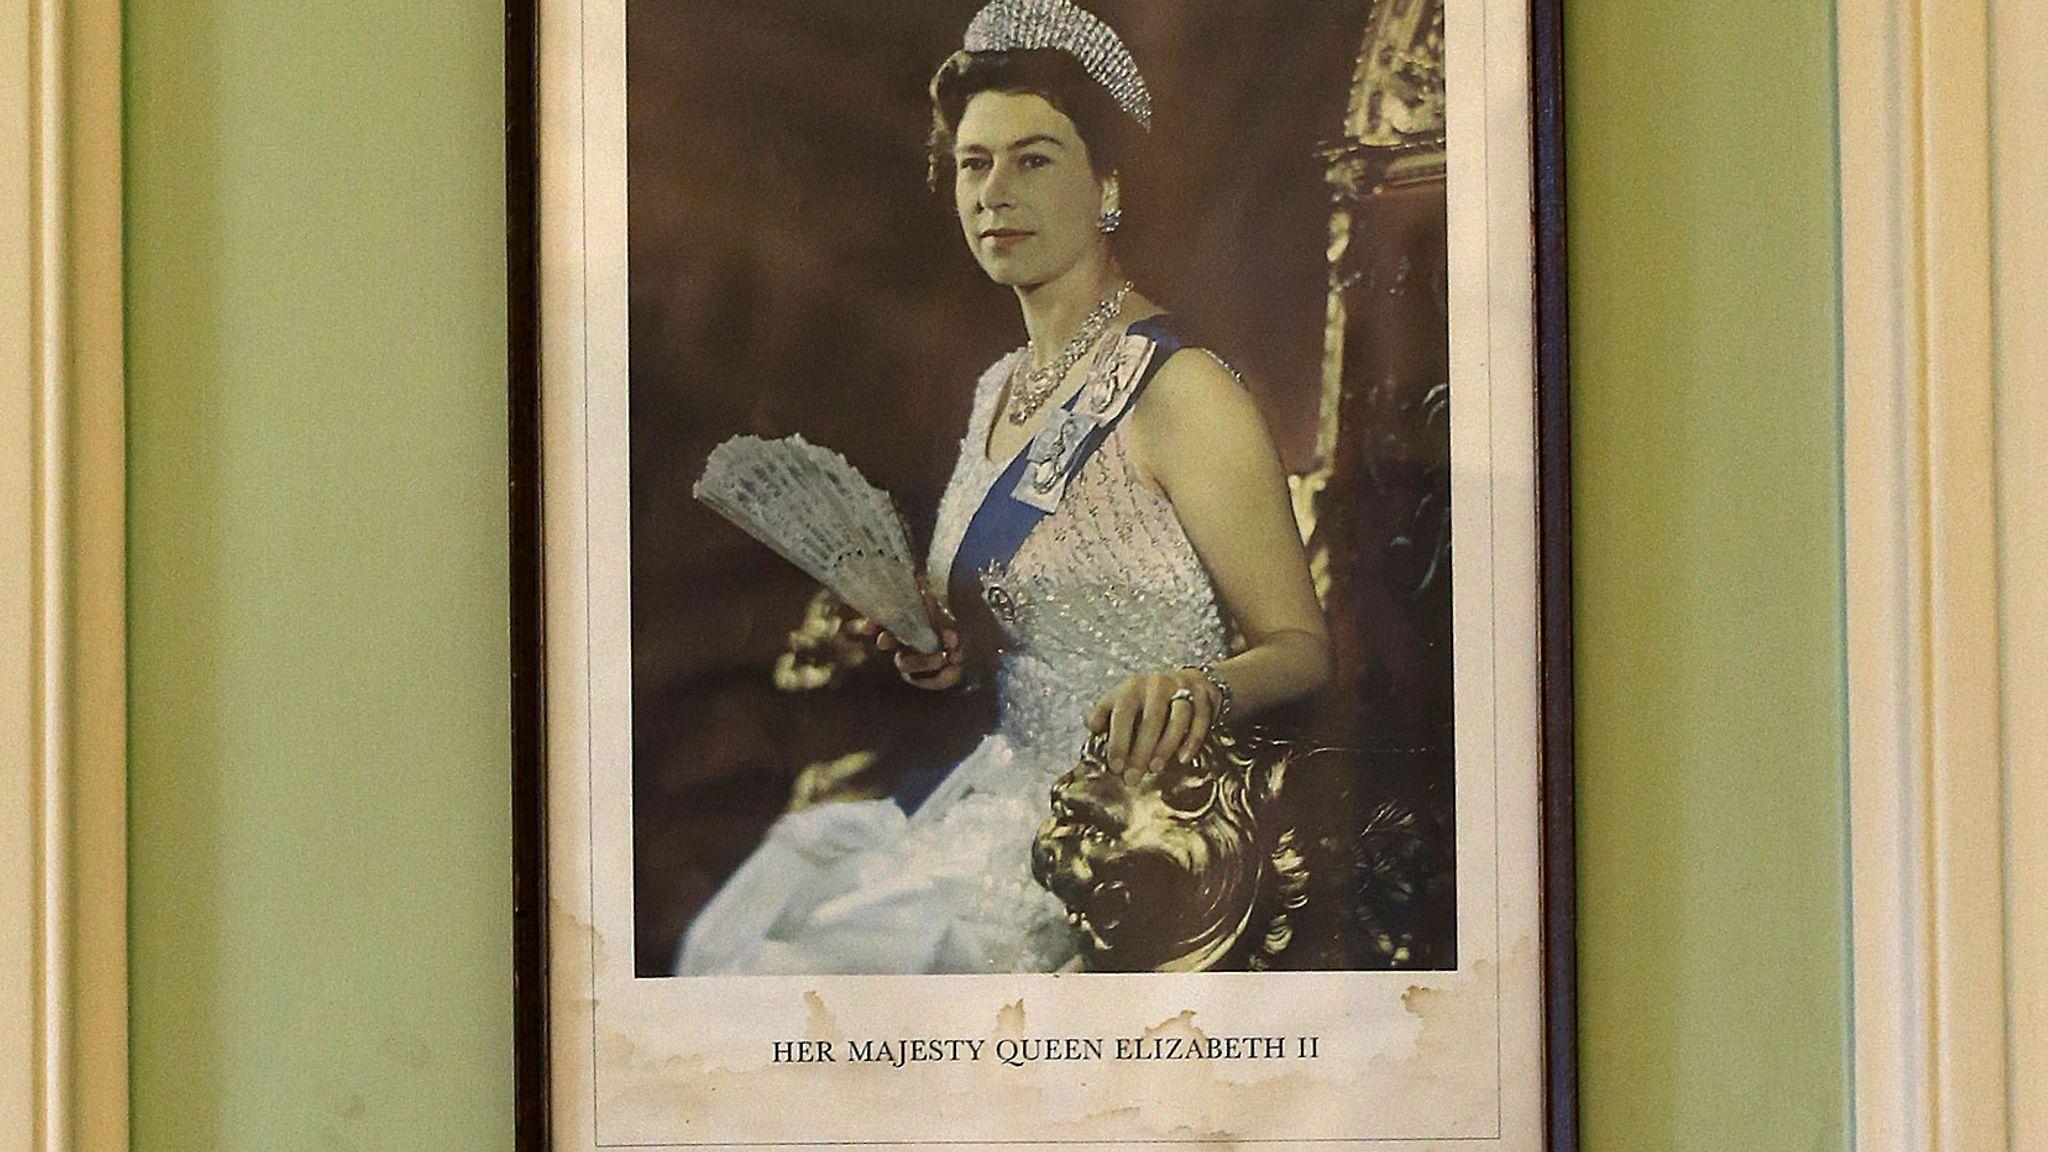 Oxford Üniversitesi Öğrencileri Kraliçe Elizabeth'in Portresini Okuldan Kaldırdı